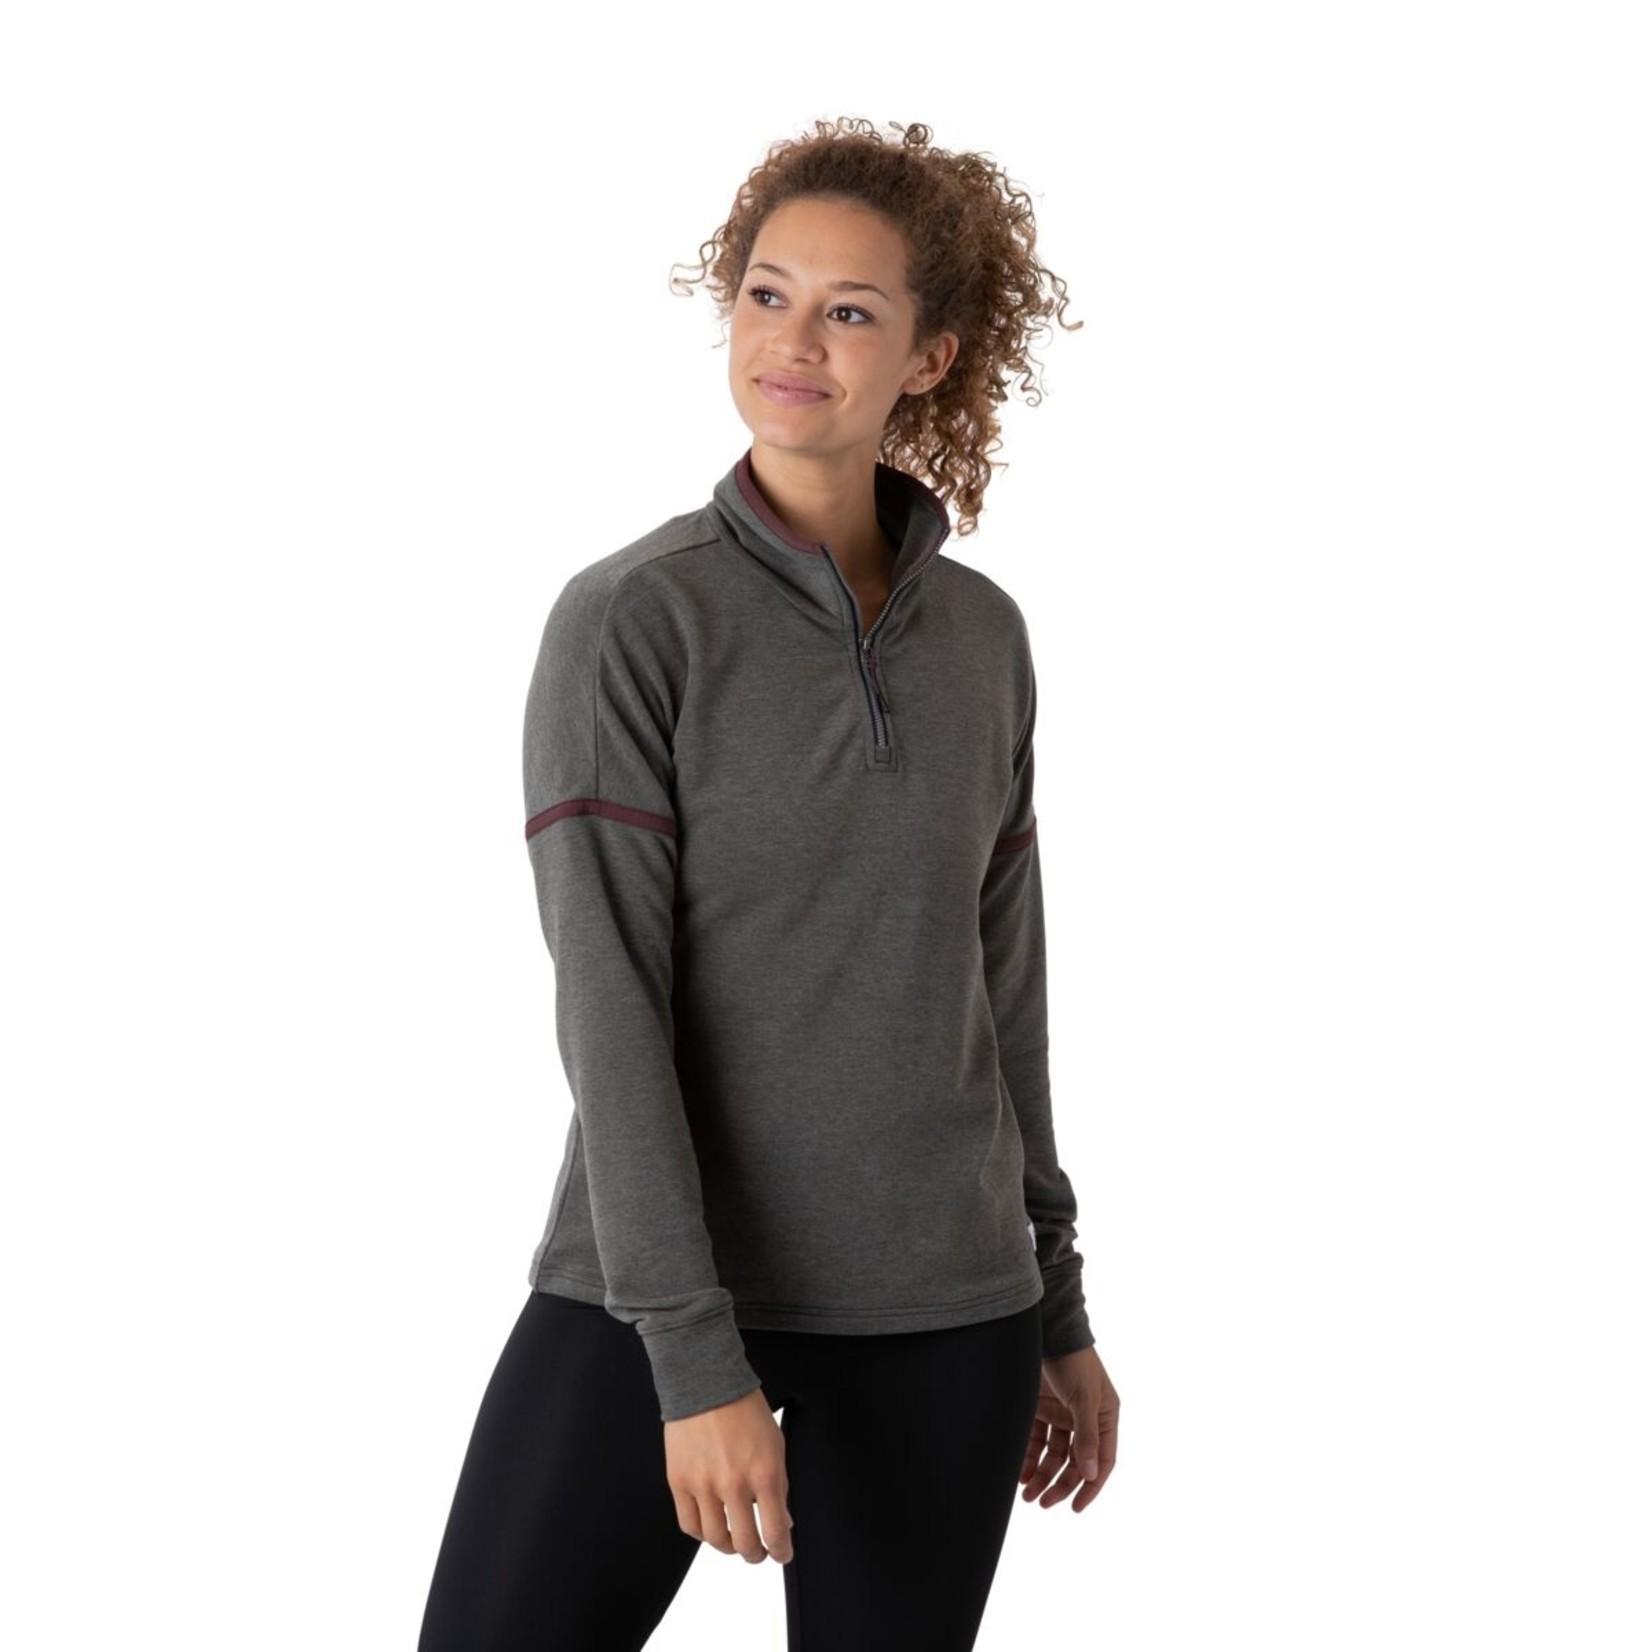 Cotopaxi Lozano Quarter Zip Fleece - Women